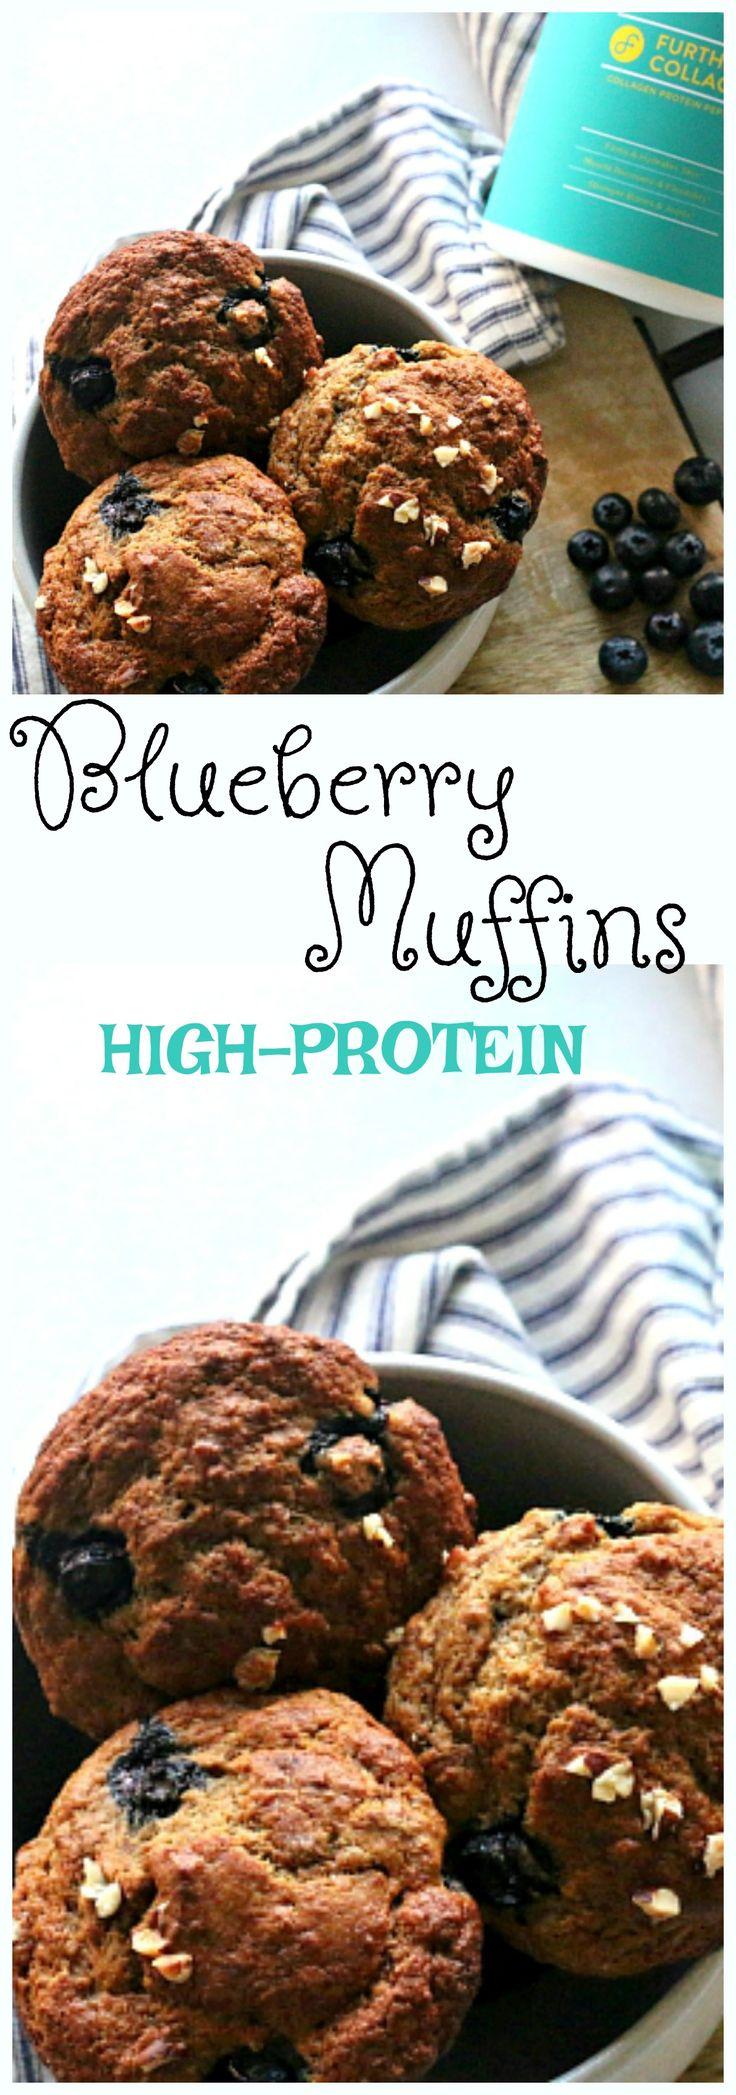 http://www.furtherfood.com/recipe/blueberry-high-protein-muffins-gluten-free-collagen-protein-almond-flour/